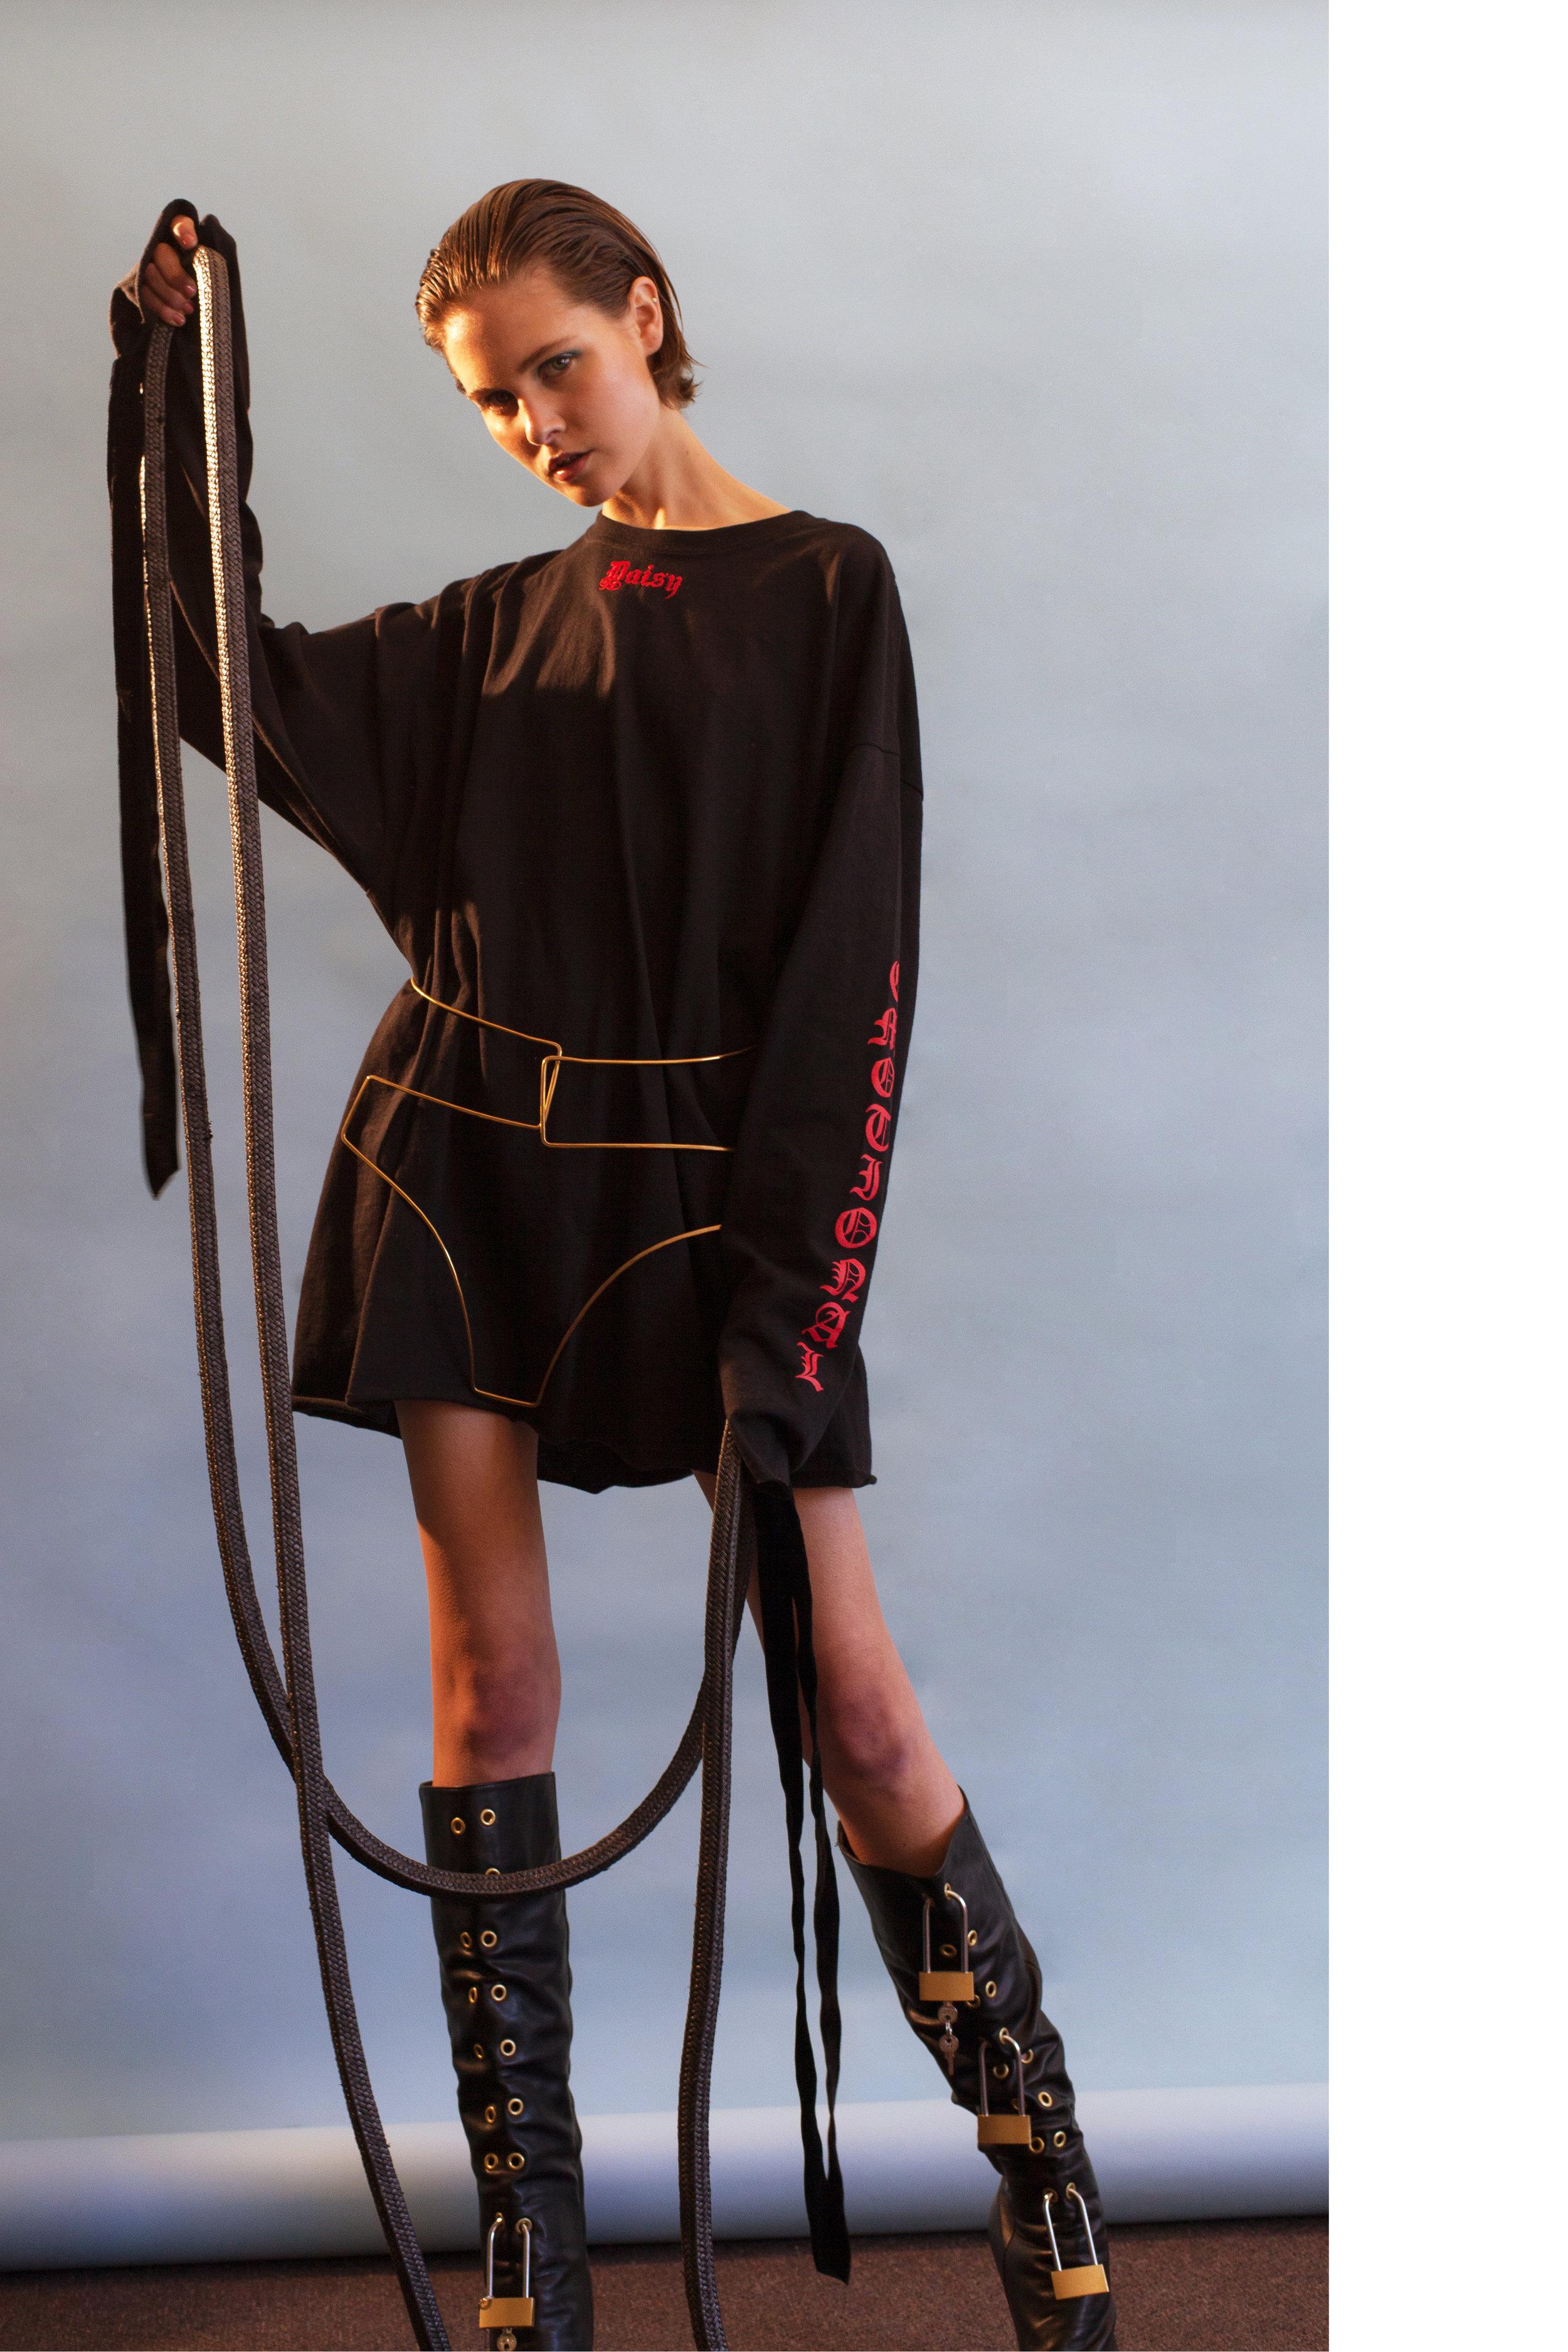 DAISY TEE dress, belt + boots ELISA KEELER